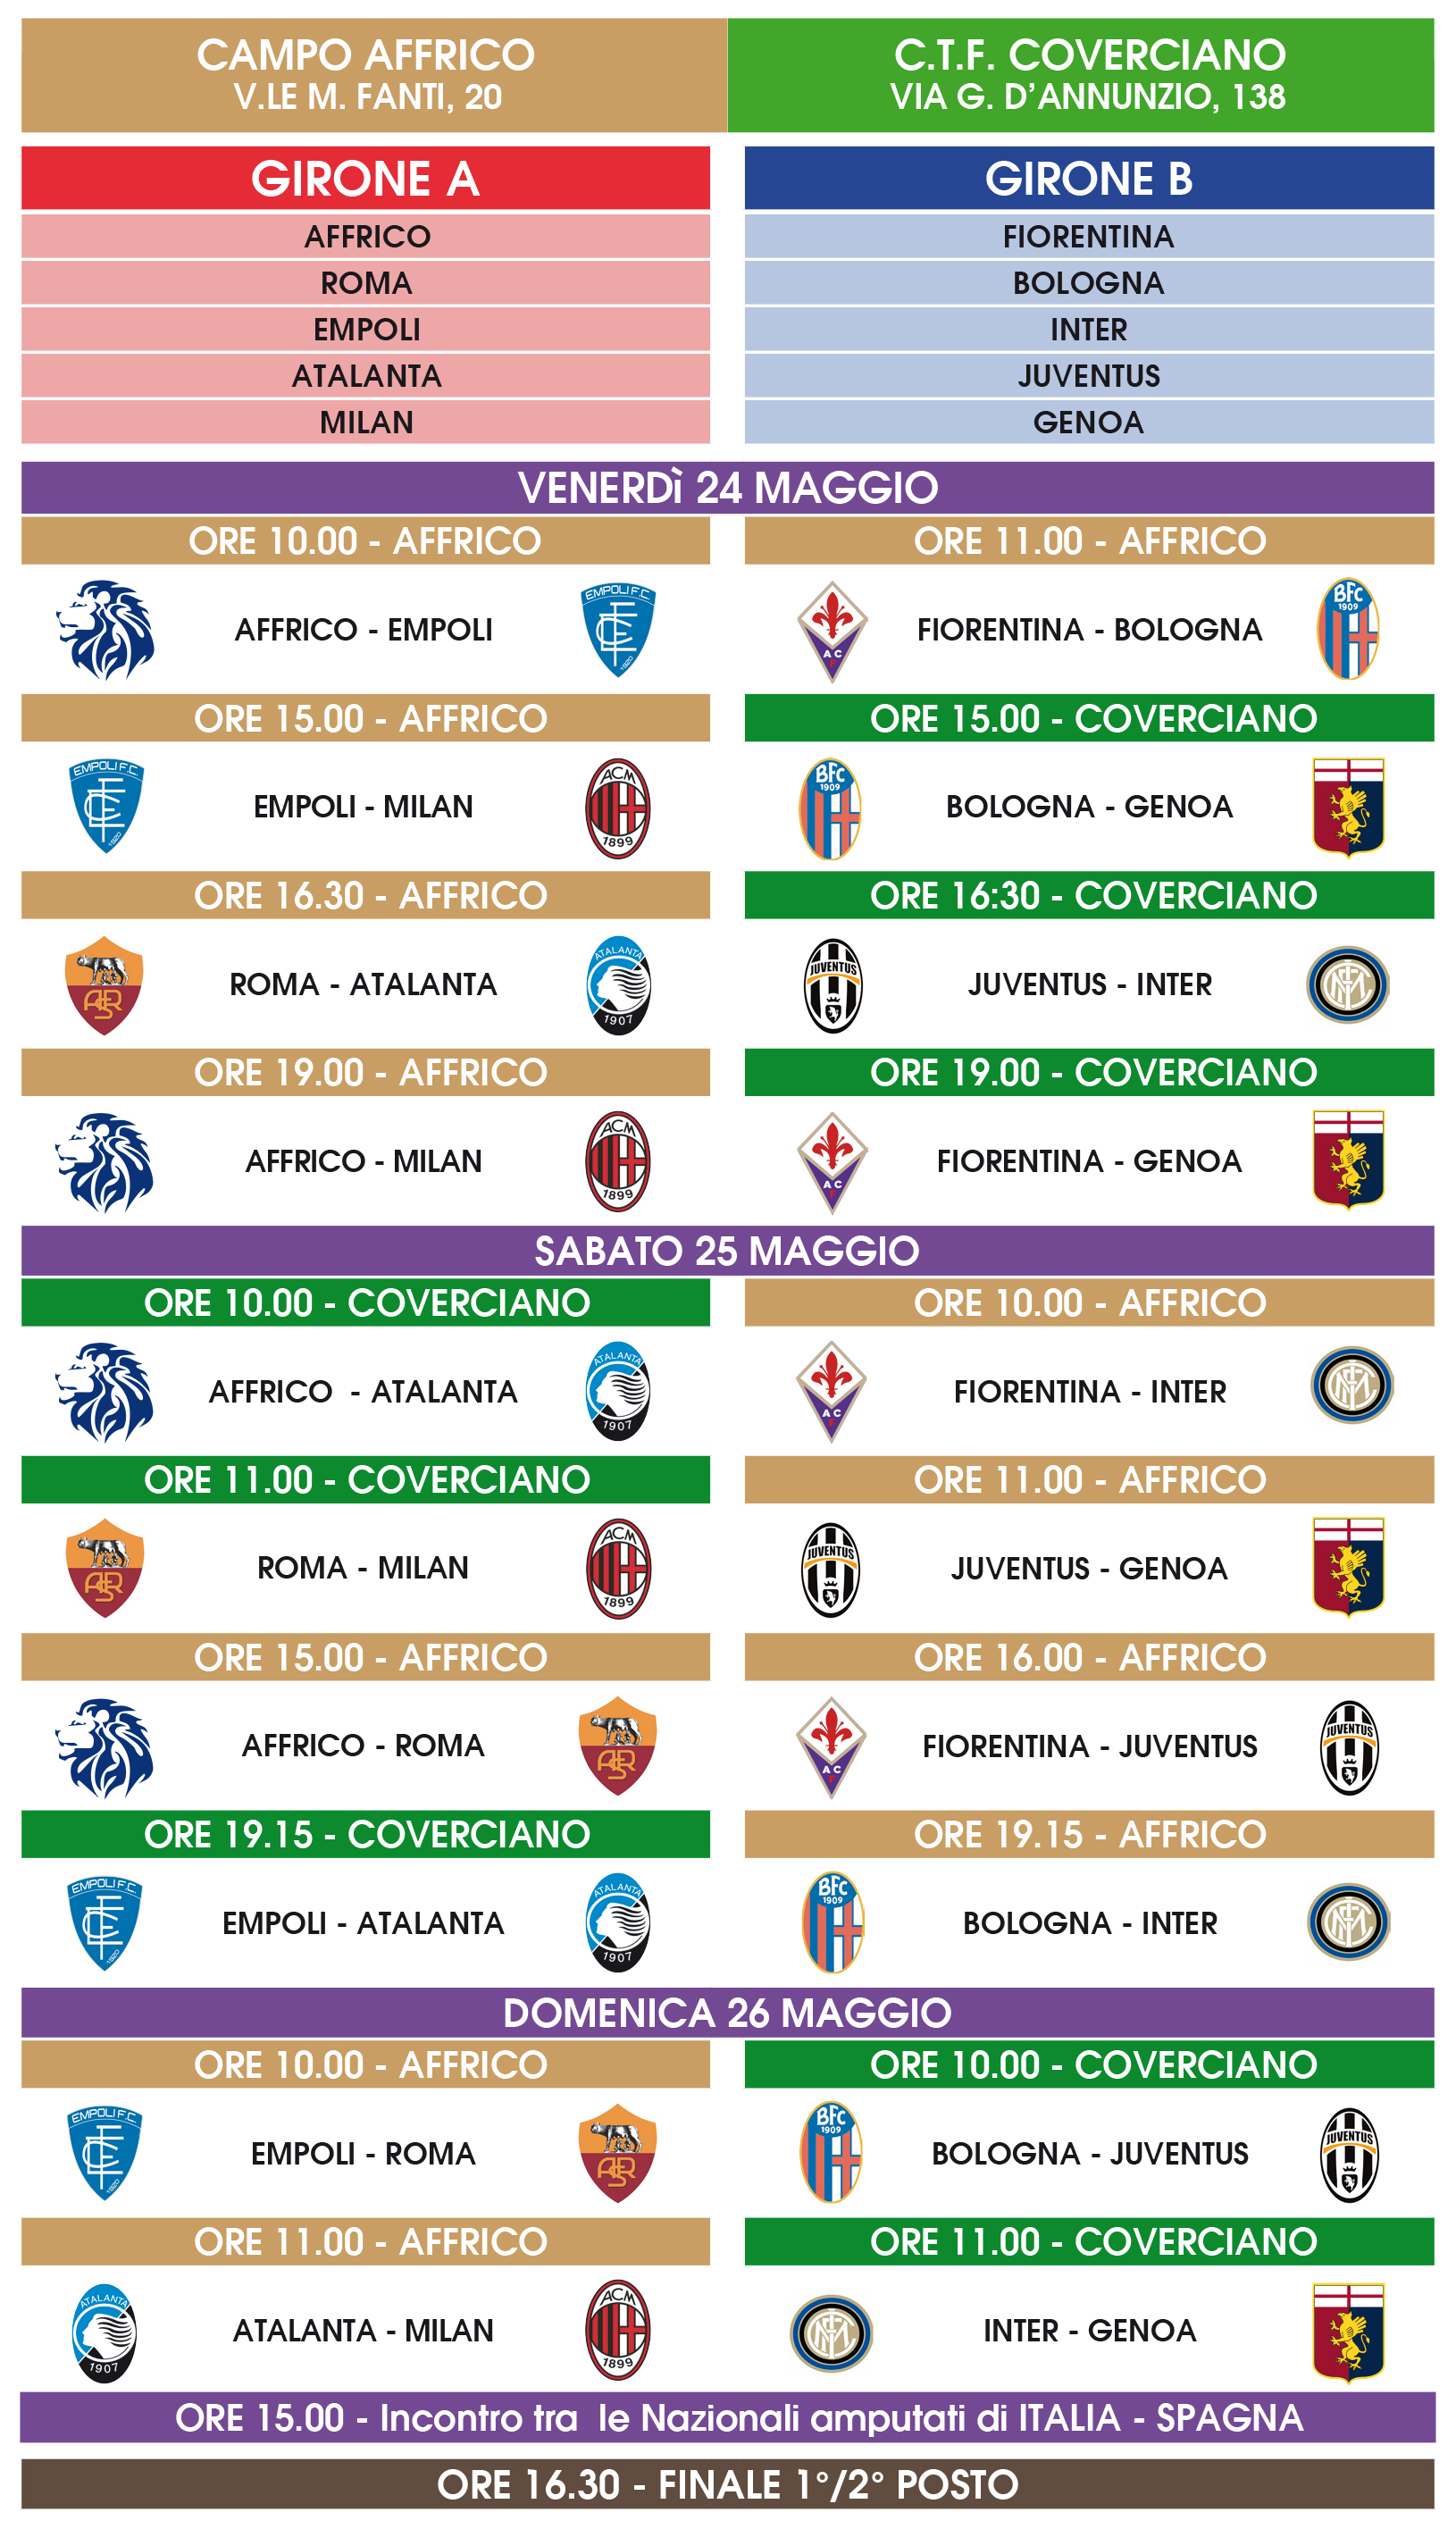 Torneo-Niccolo-Galli-calendario-2019